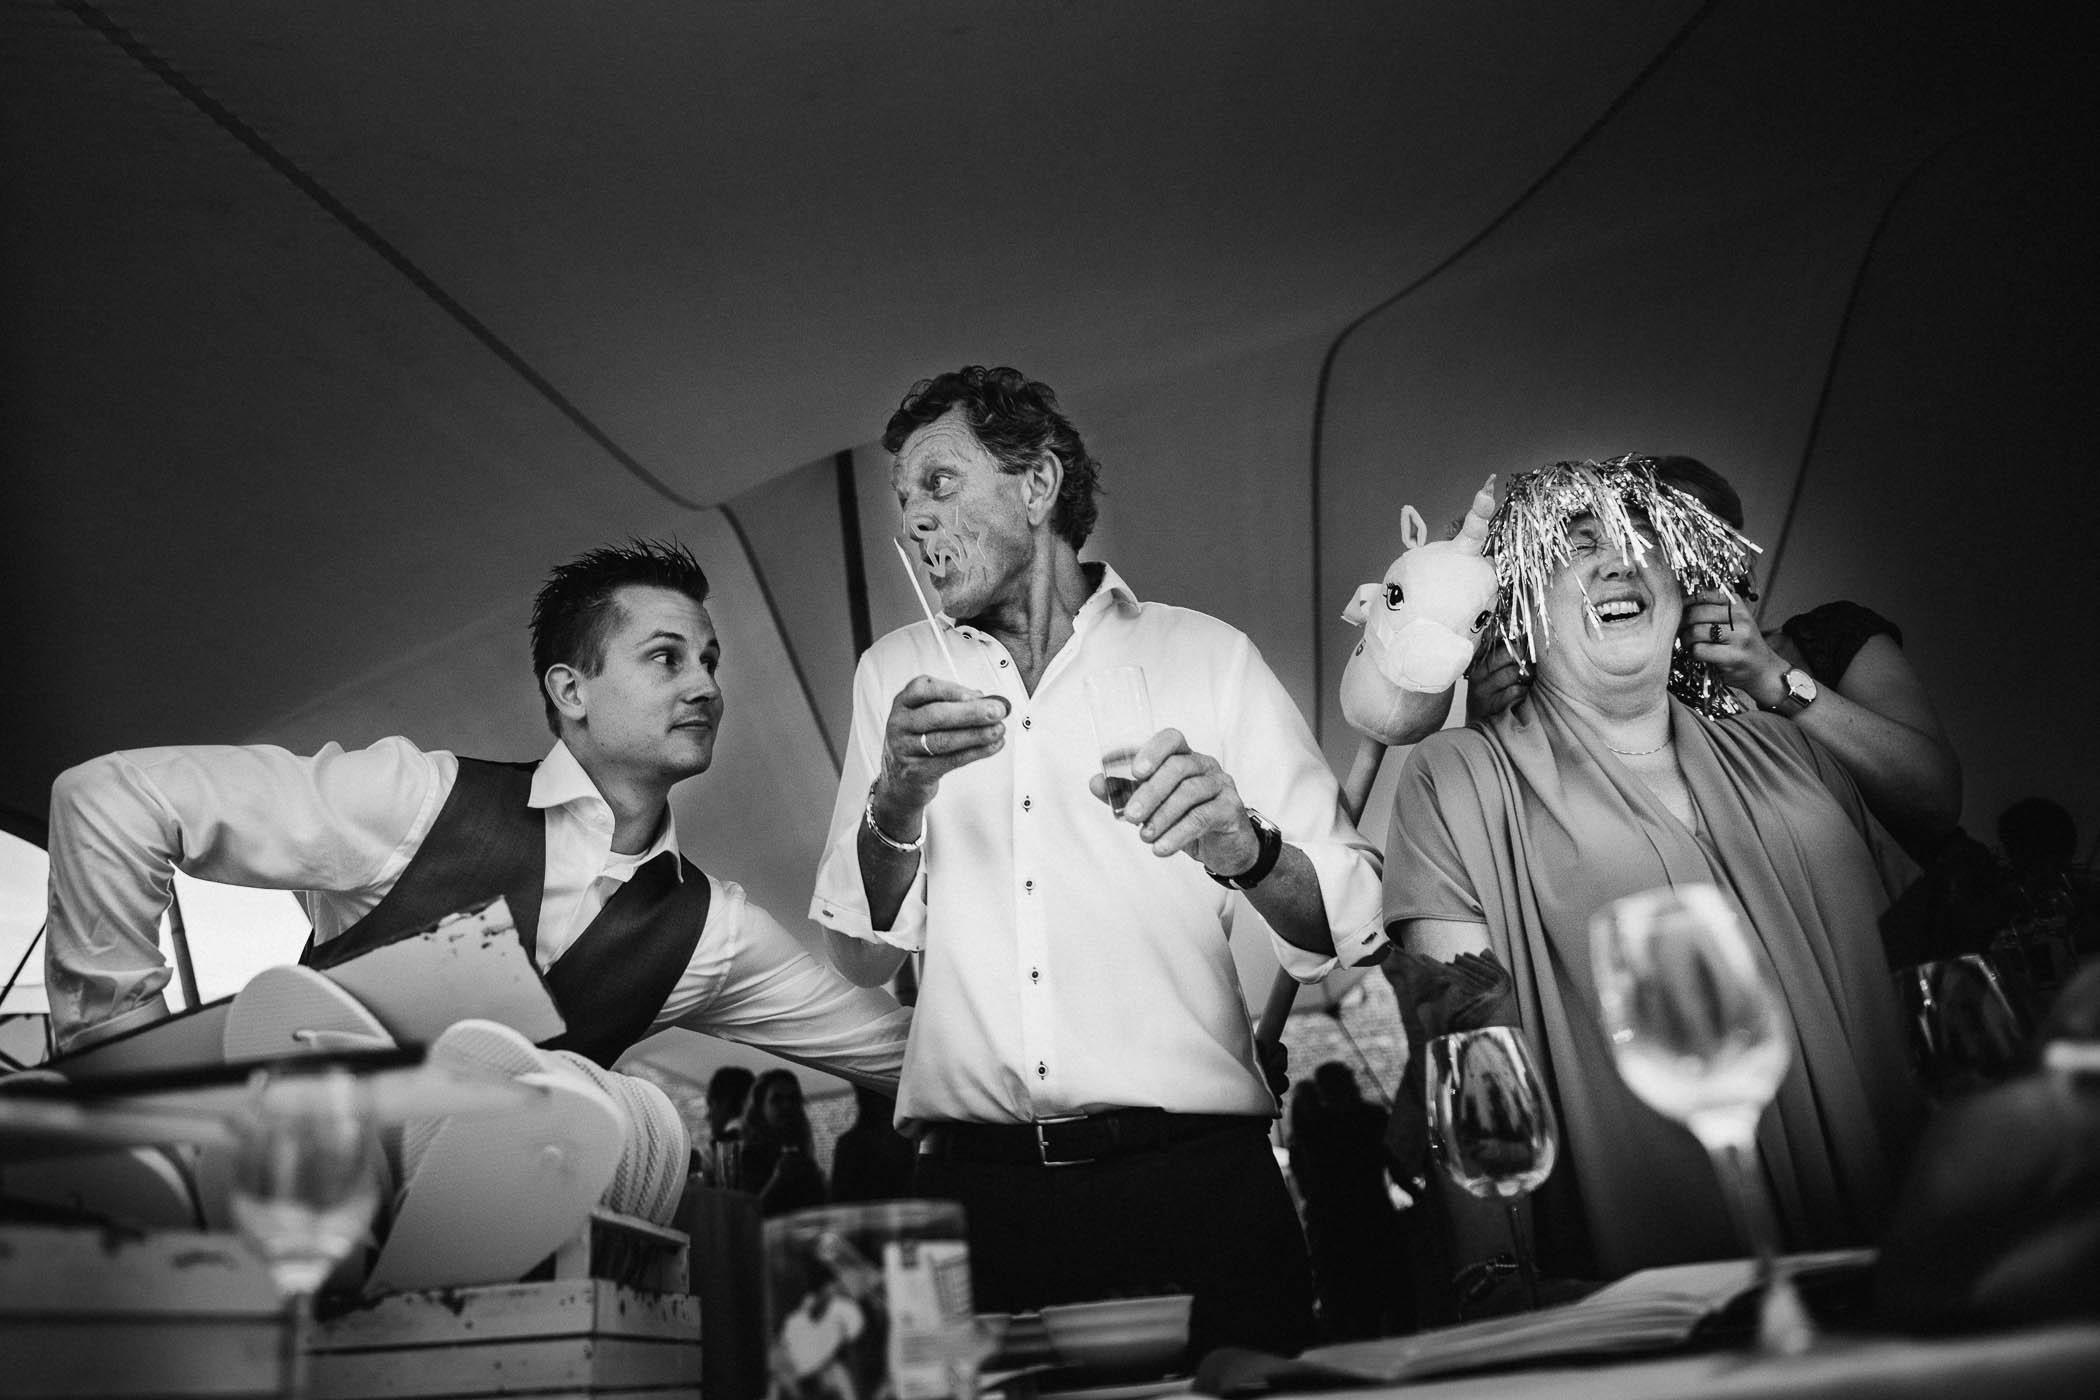 trouwfotograaf journalistiek fotograaf bruiloft humor